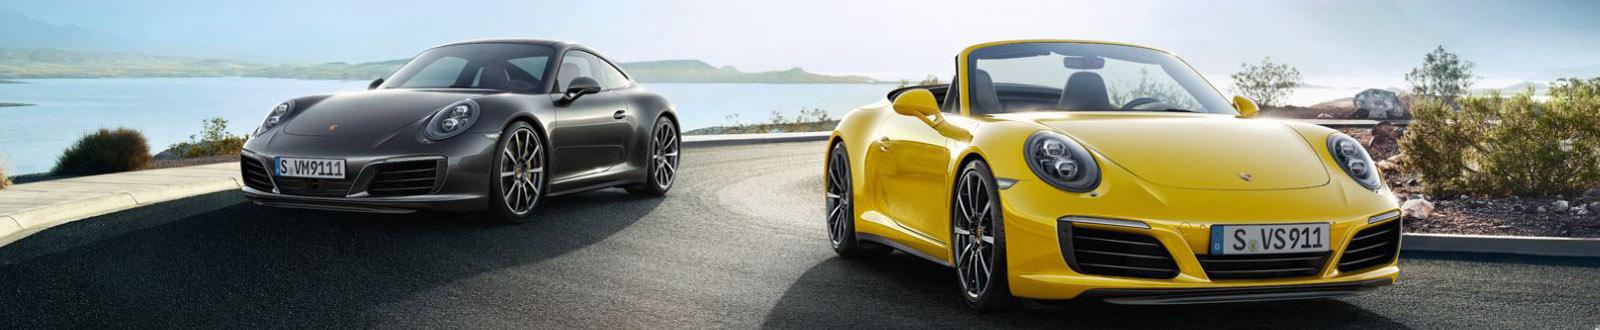 Suncoast Porsche Parts & Accessories: 2017-2019 (991.2)